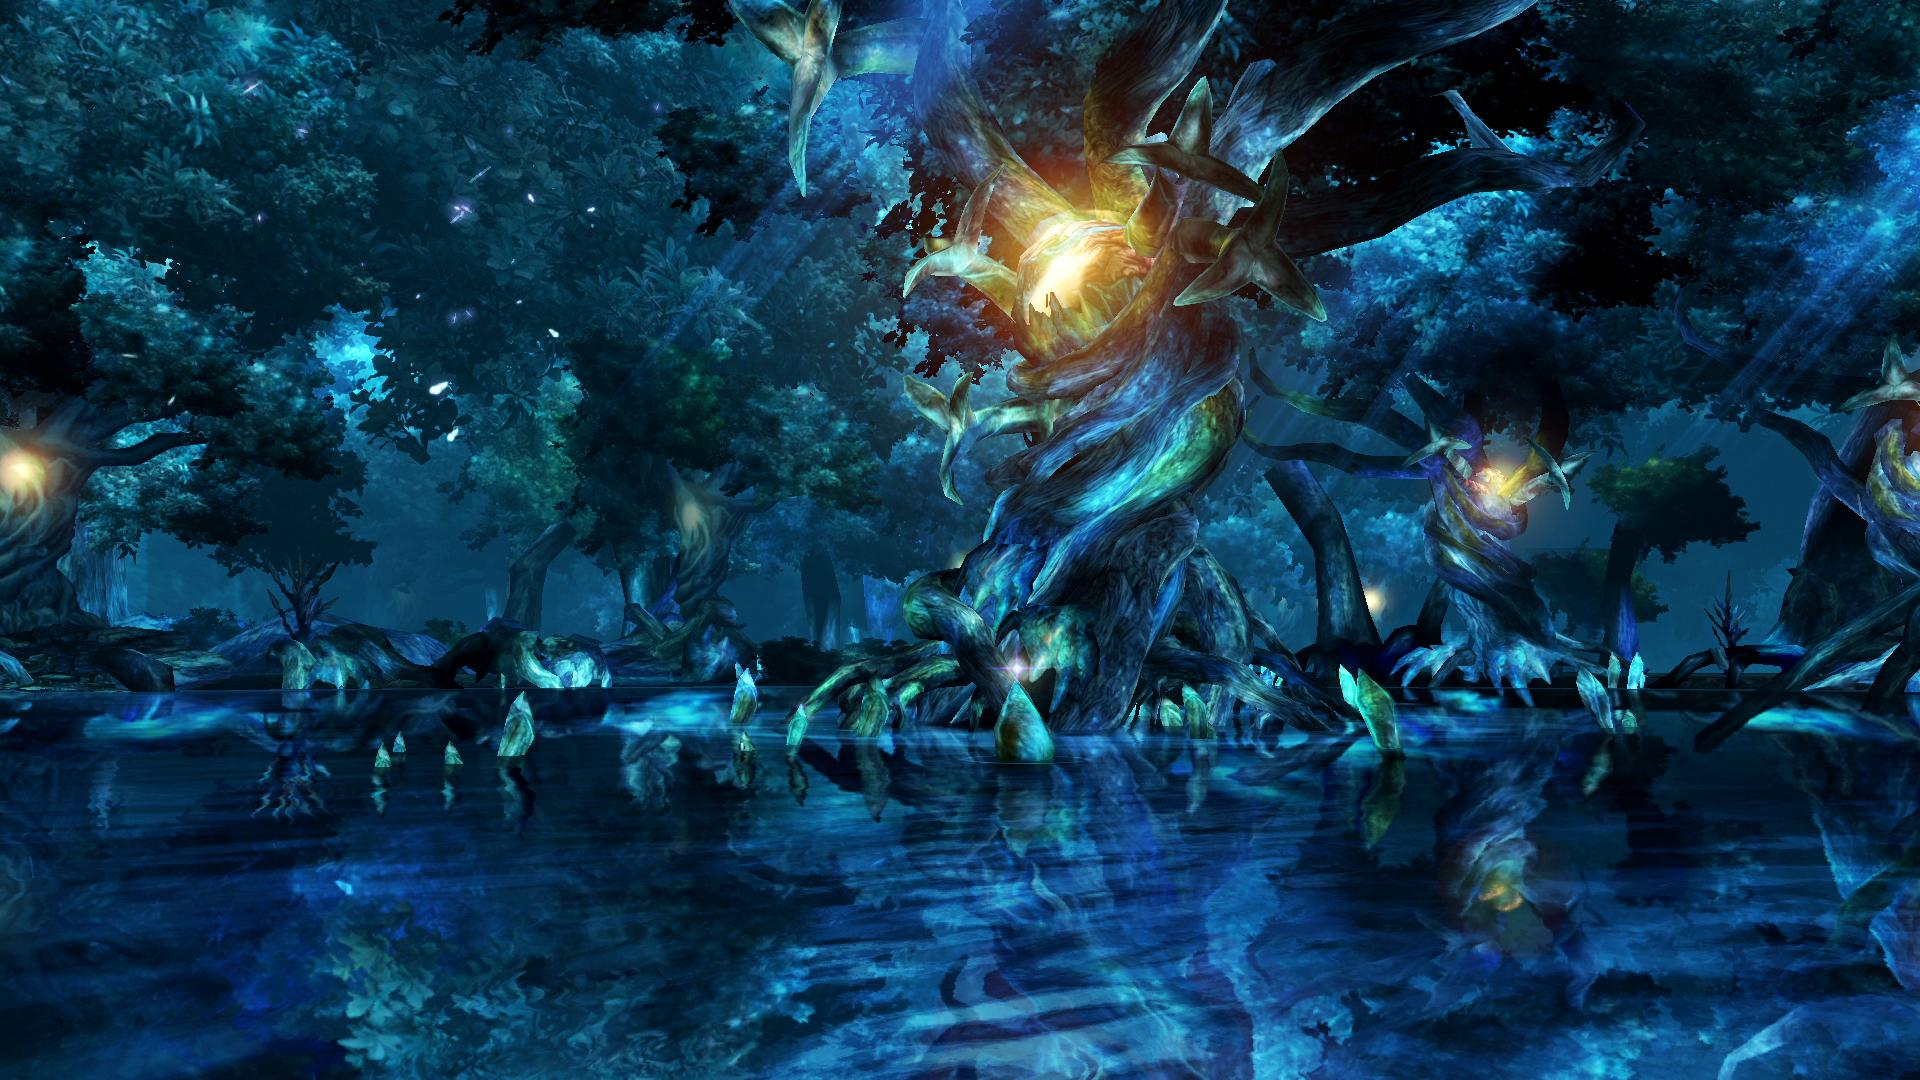 macalania final fantasy wiki fandom powered by wikia